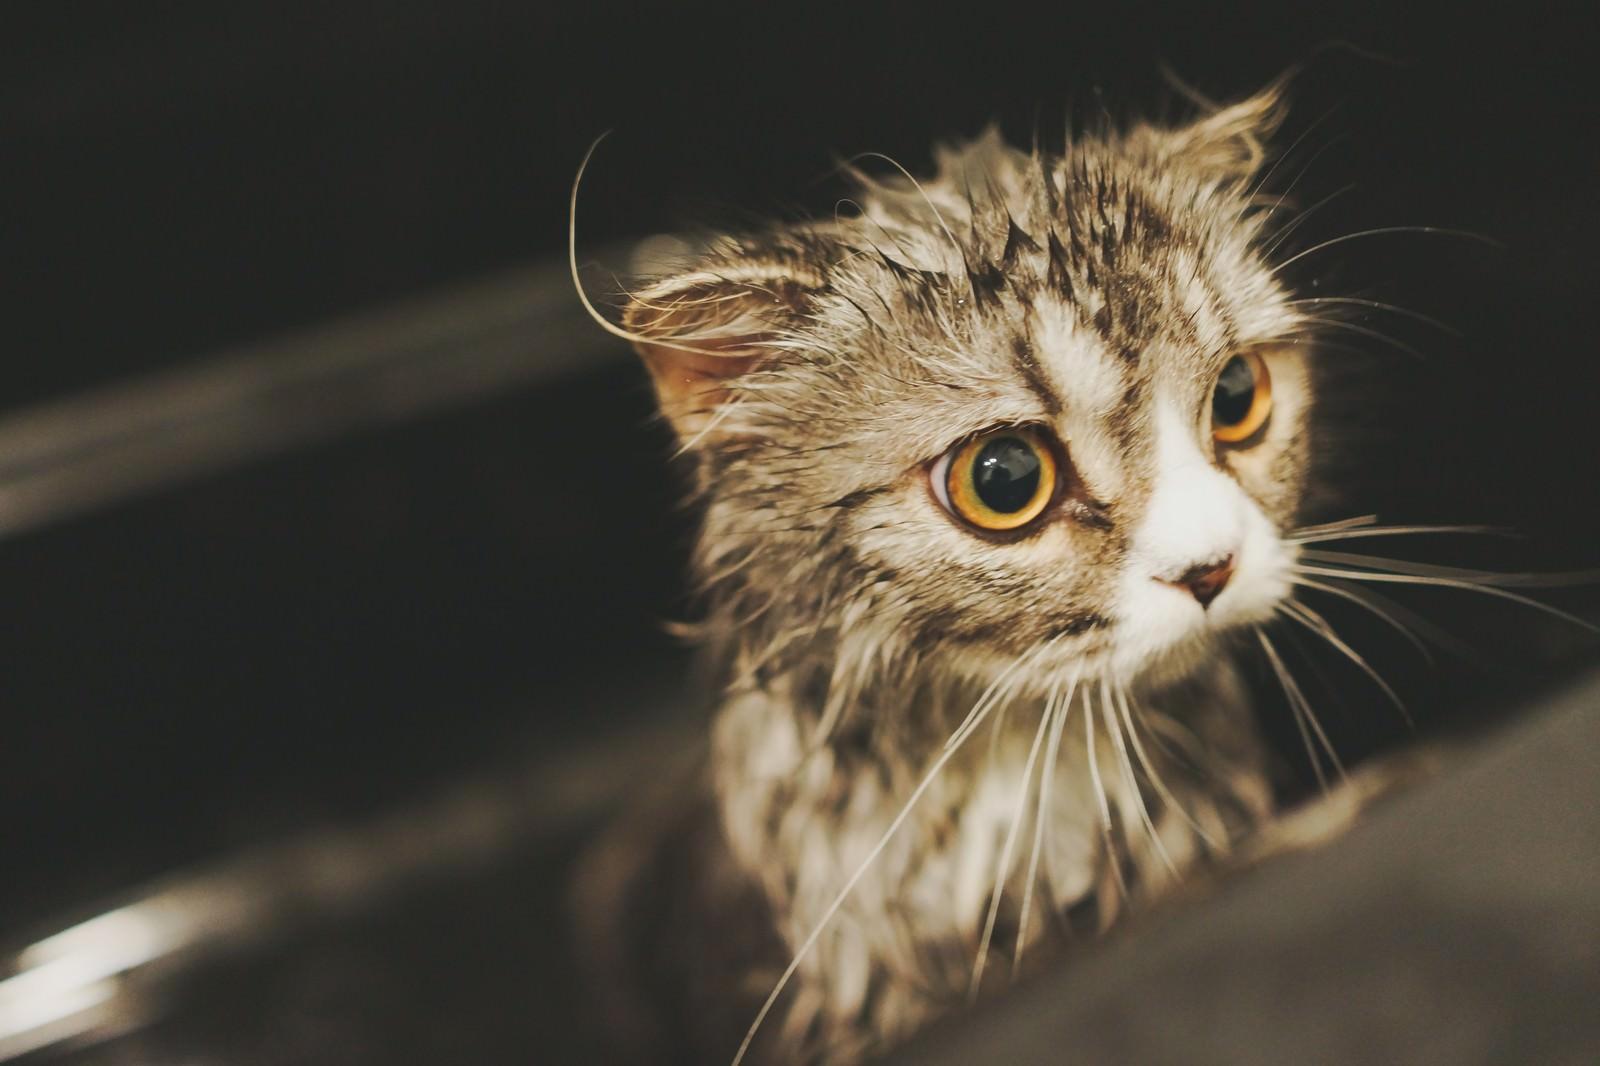 「シャワーから出たがるオス猫(スコティッシュフォールド)」の写真